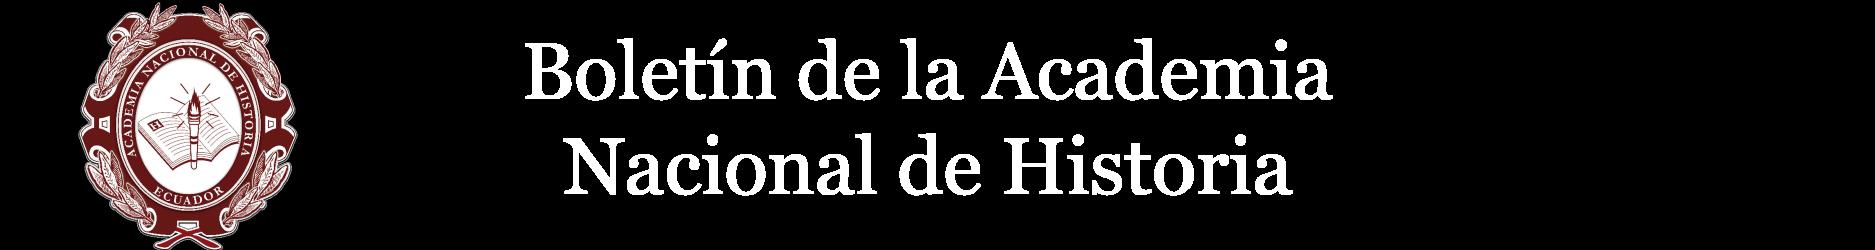 Boletin Academia Nacional de Historia